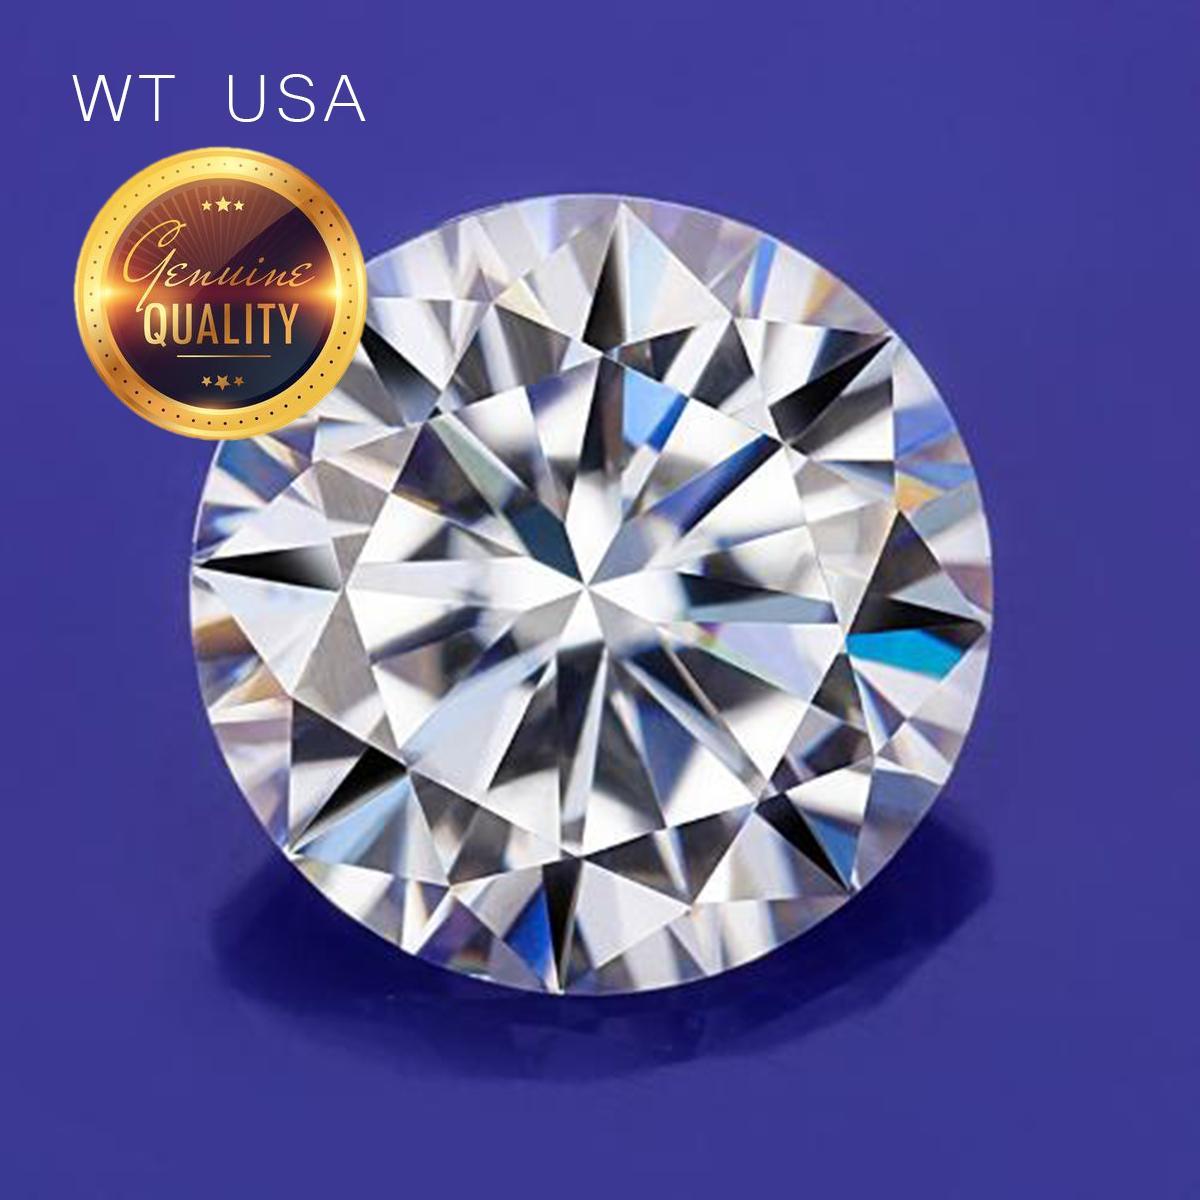 Kim Cương Nhân Tạo Gắn Răng 2.5mm - Loại cao cấp WT USA